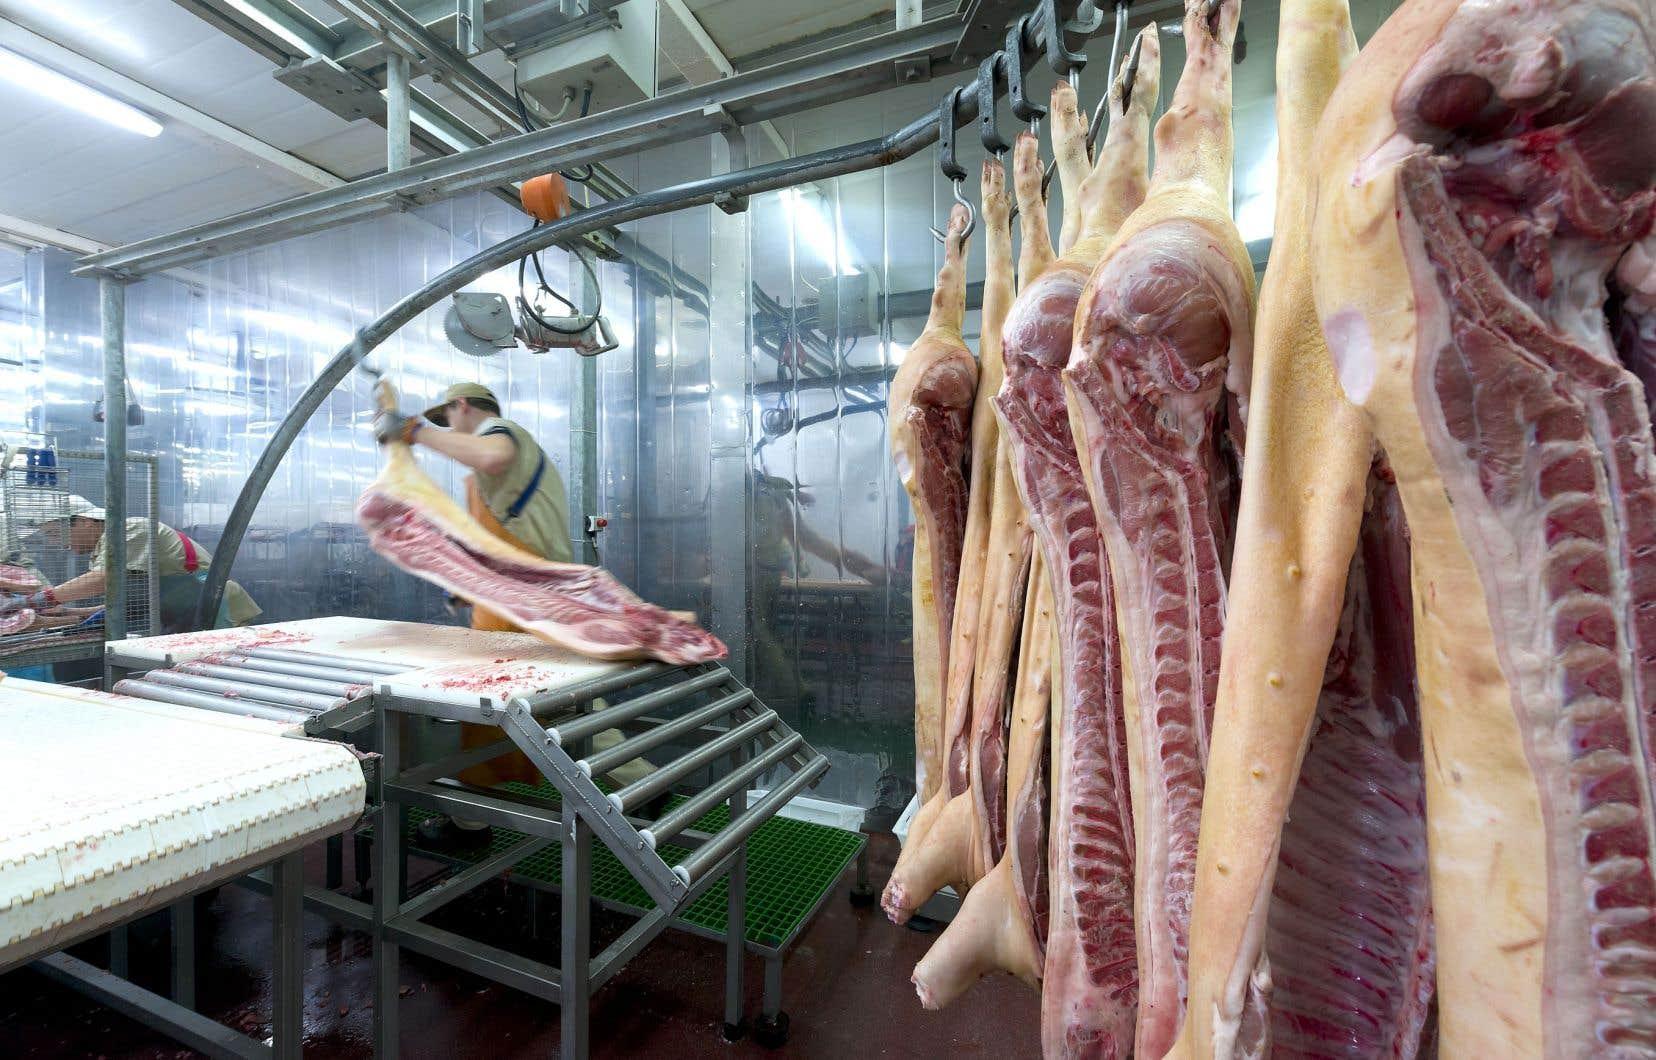 L'usine, qui fait l'abattage et la découpe de porcs, compte environ 1000 employés au total.